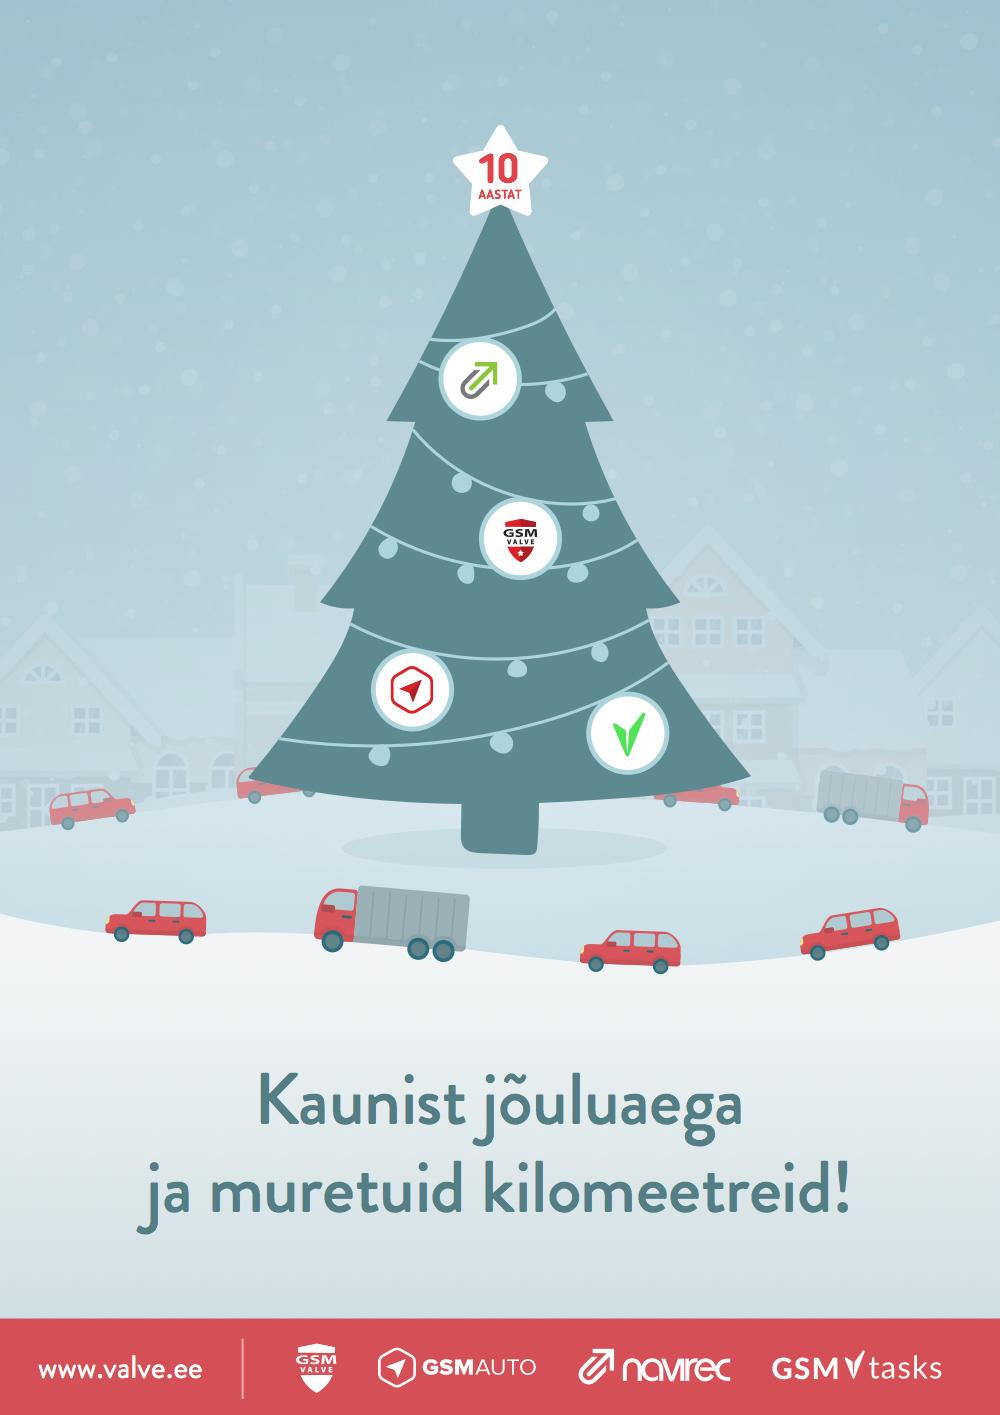 GSM_joulukaart_2015